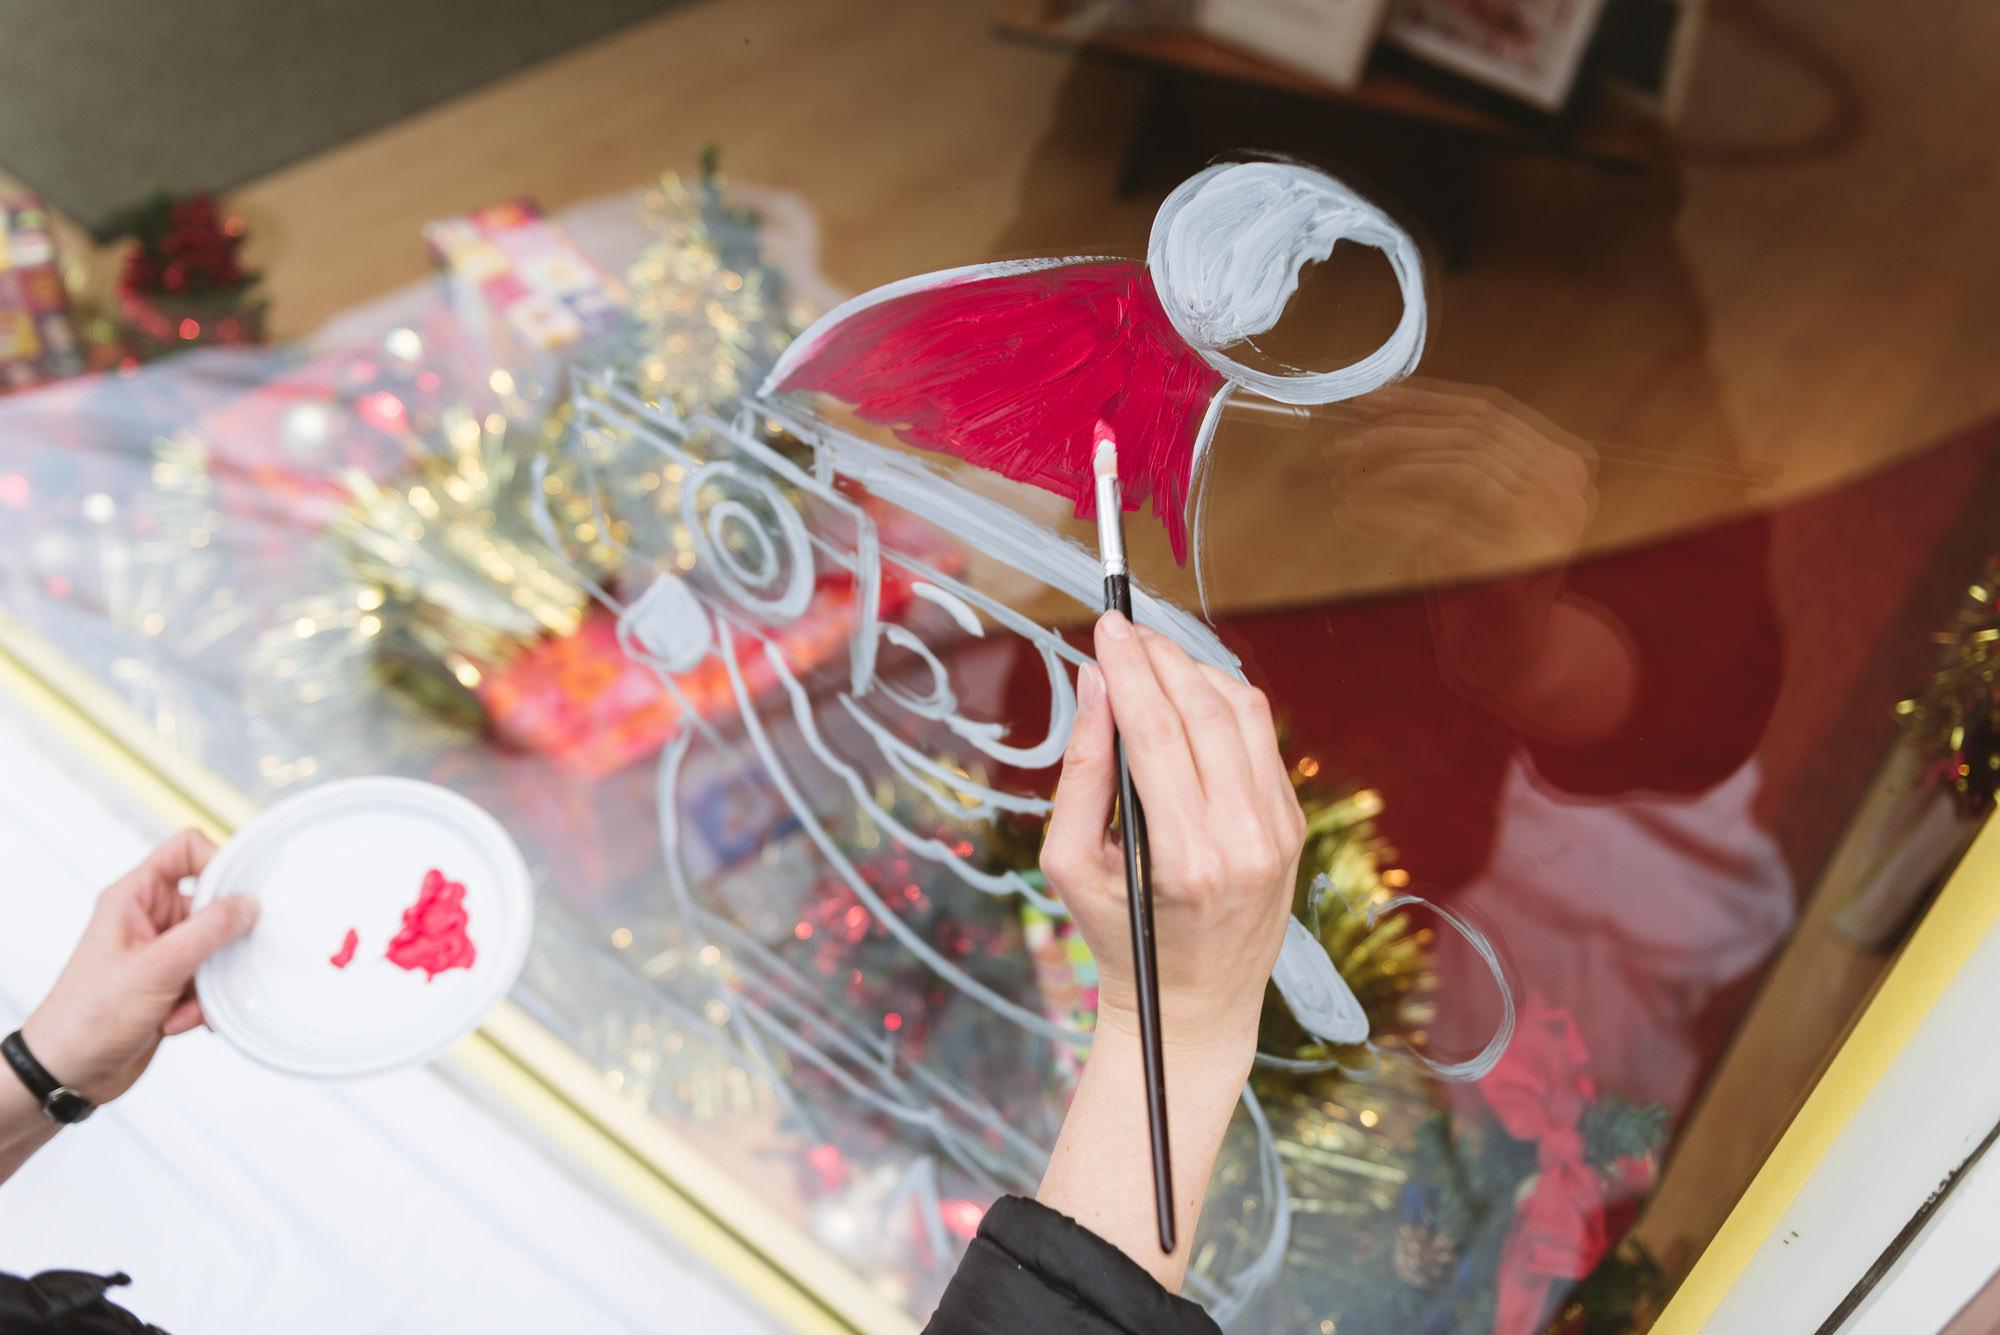 Peinture sur vitrine hiver – Autrement Vu à Sarreguemines